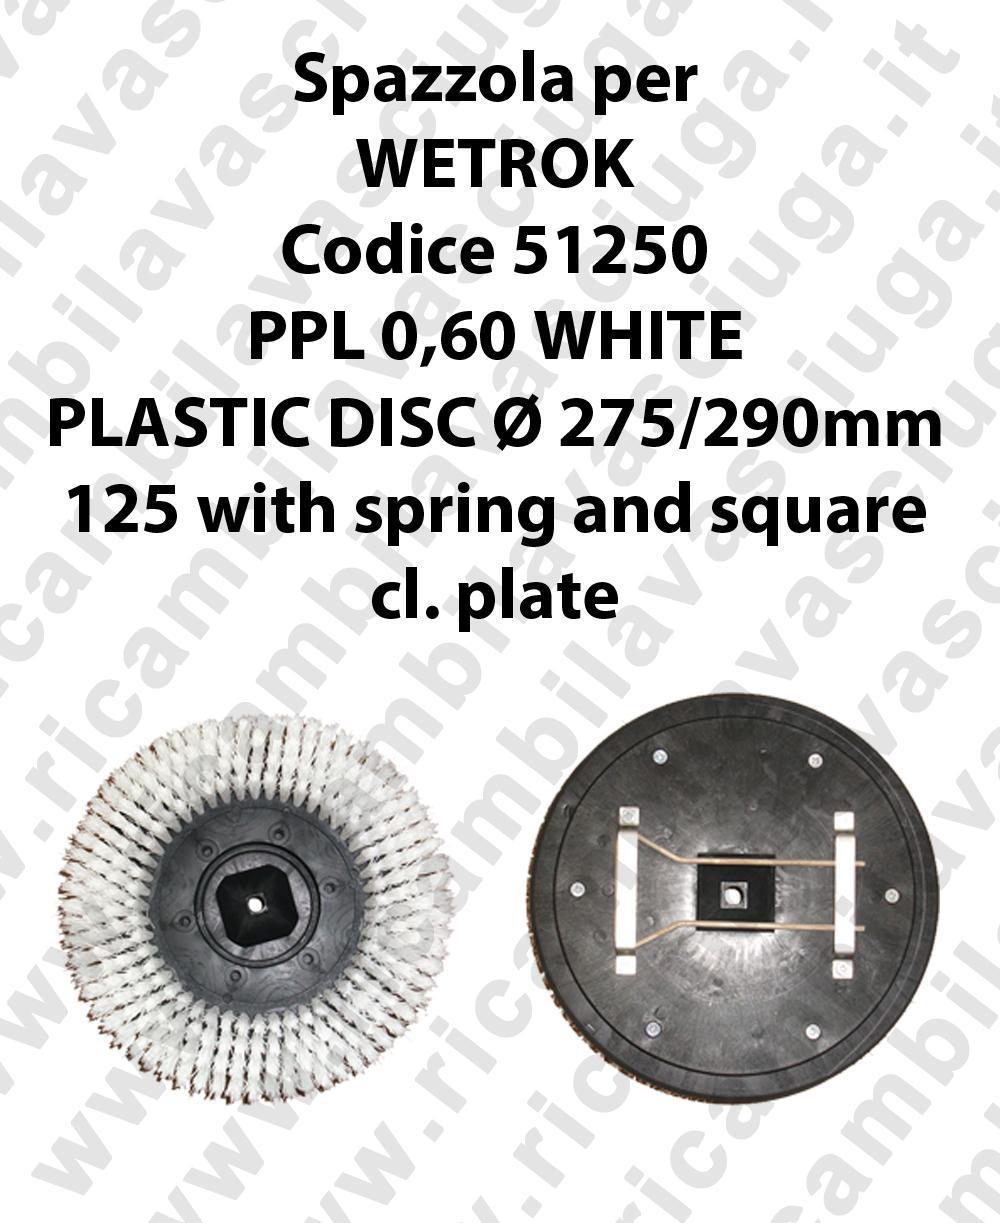 CEPILLO DE LAVADO PPL 0,60 WHITE para fregadora WETROK codice 51250